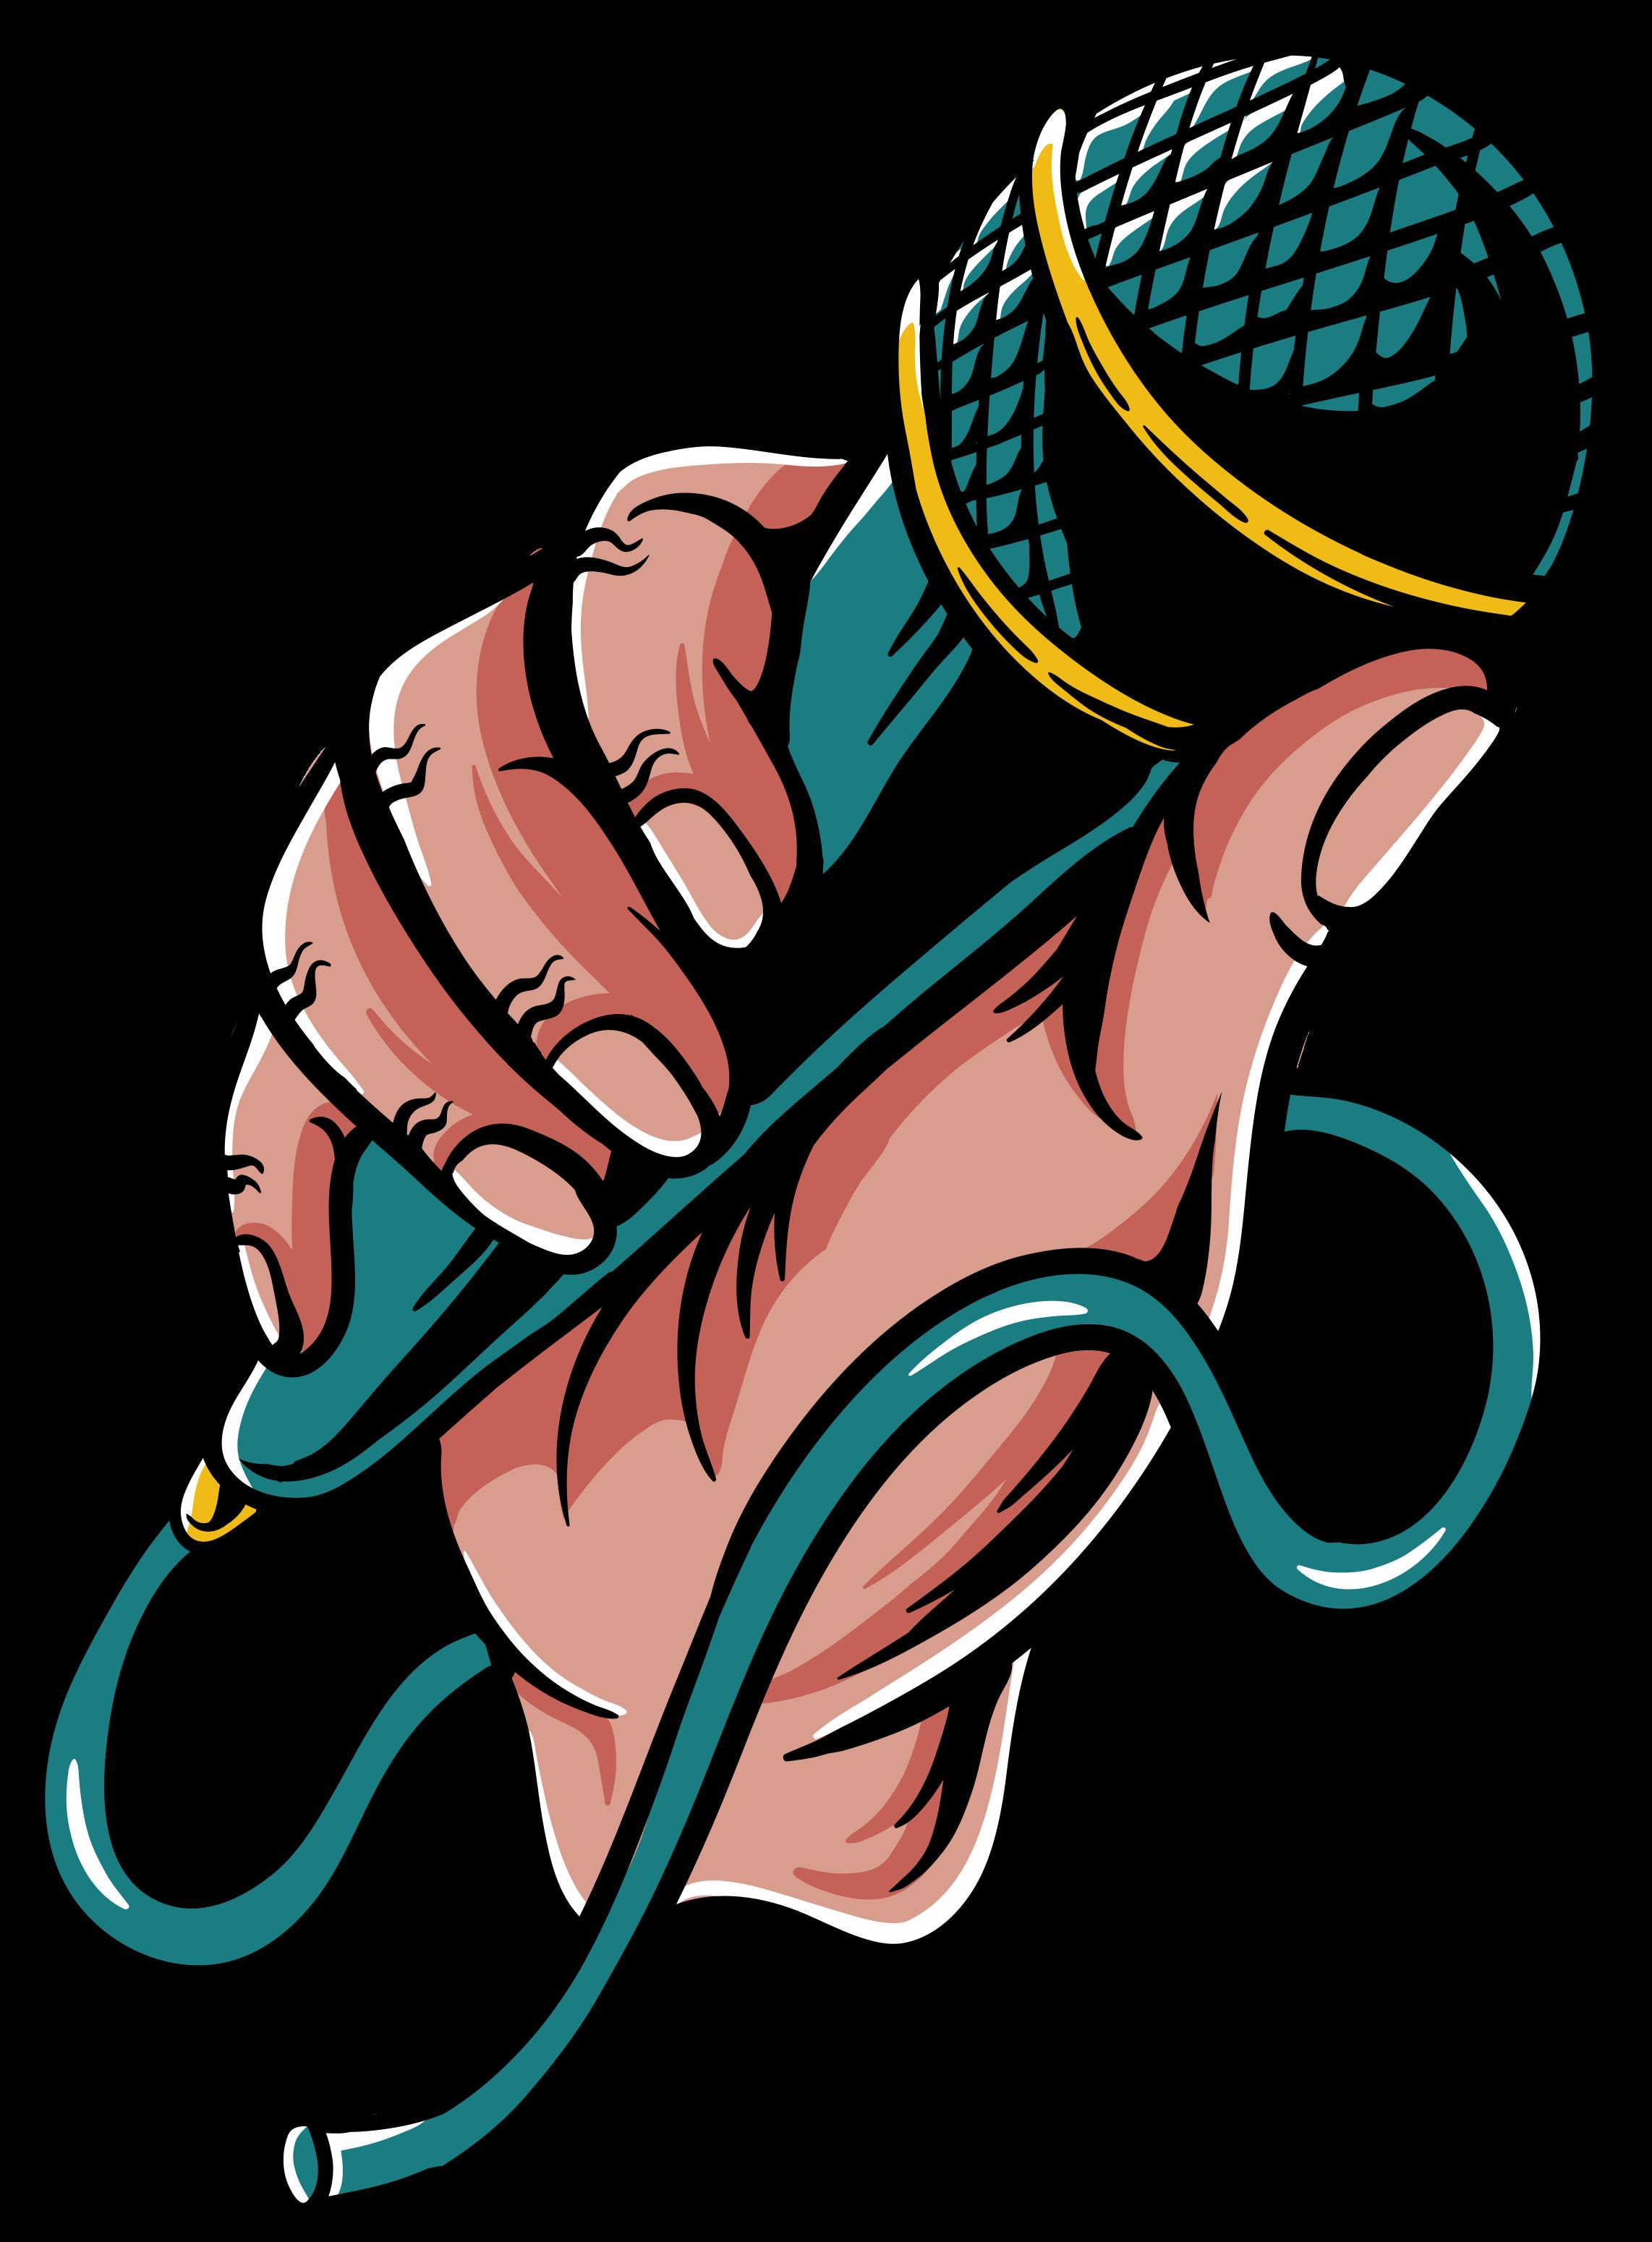 TENSTICKERS. ポップミュージックデカールの歌の芸術. ポップミュージックマイクのステッカーで、好きなスペースを飾ります。音楽が好きで、マイクで歌うのが好きなら、このデザインidがお勧めです。